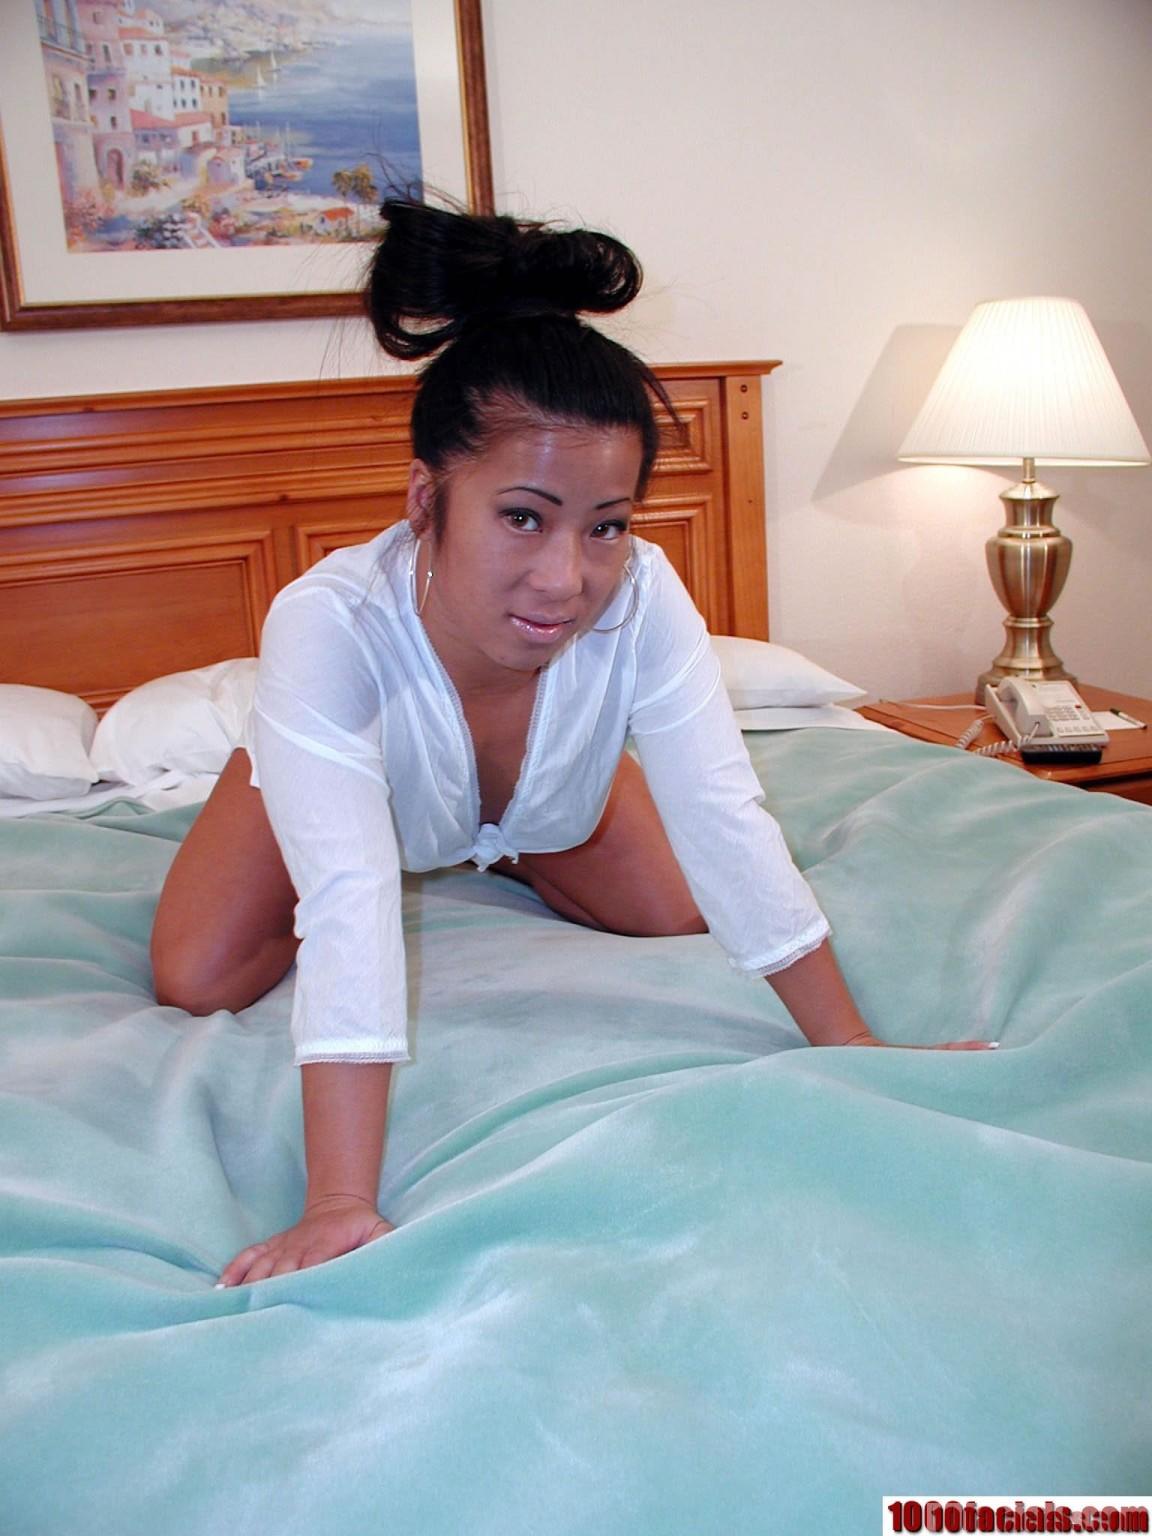 Азиаточка в белом раздевается на кровати и берет за щеку у своего парня